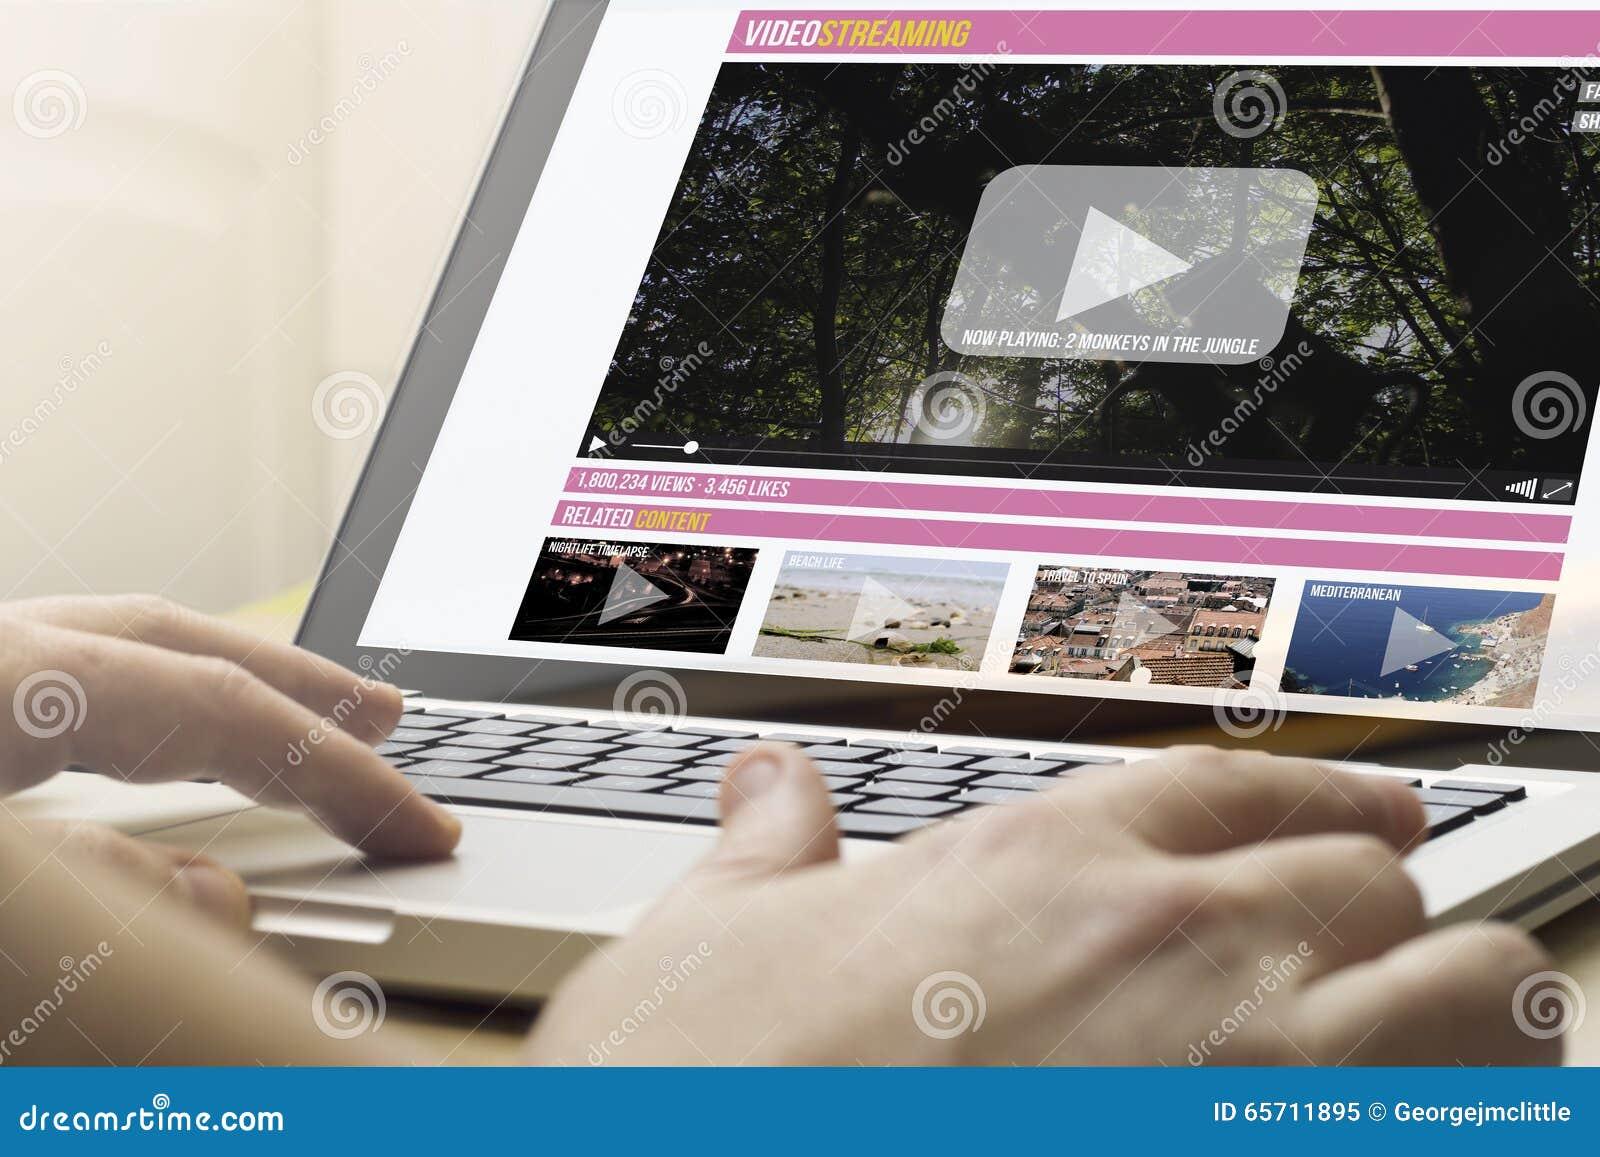 Huis die het video stromen gegevens verwerken